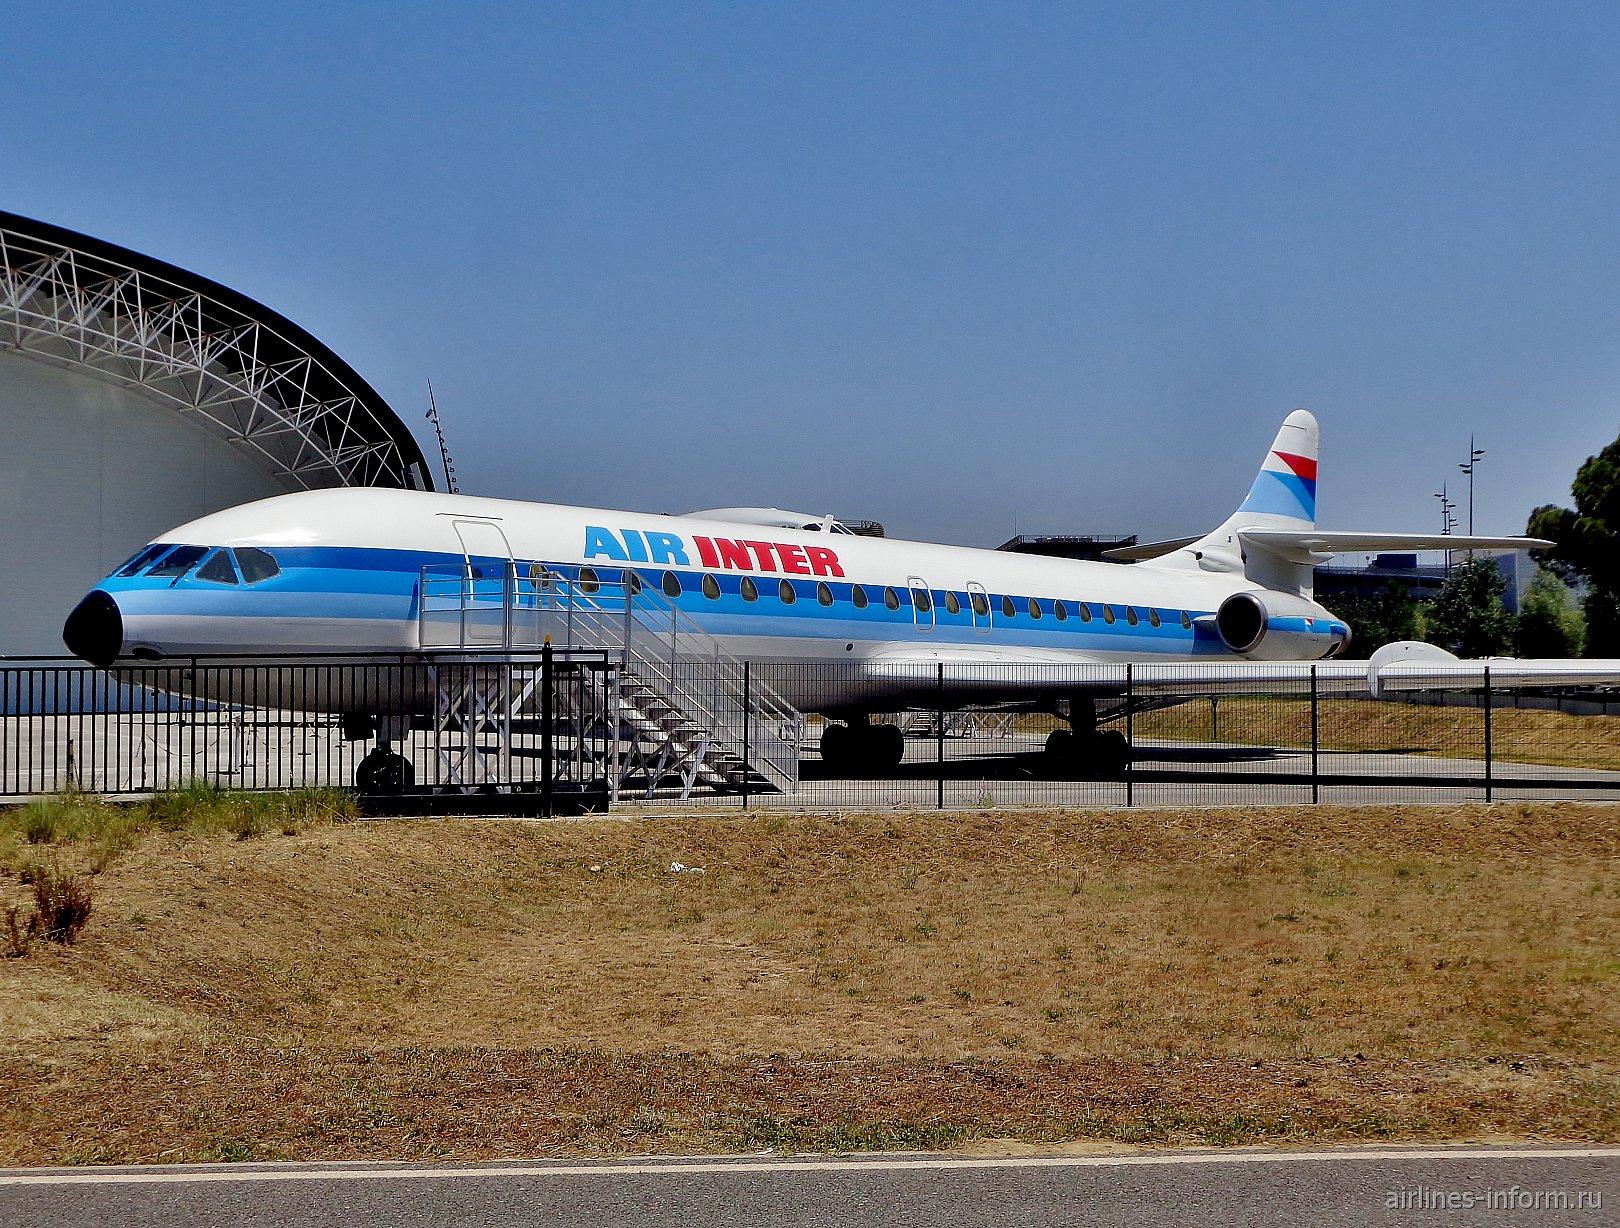 Авиалайнер Sud Aviation Caravelle в авиационном музее Airbus в Тулузе